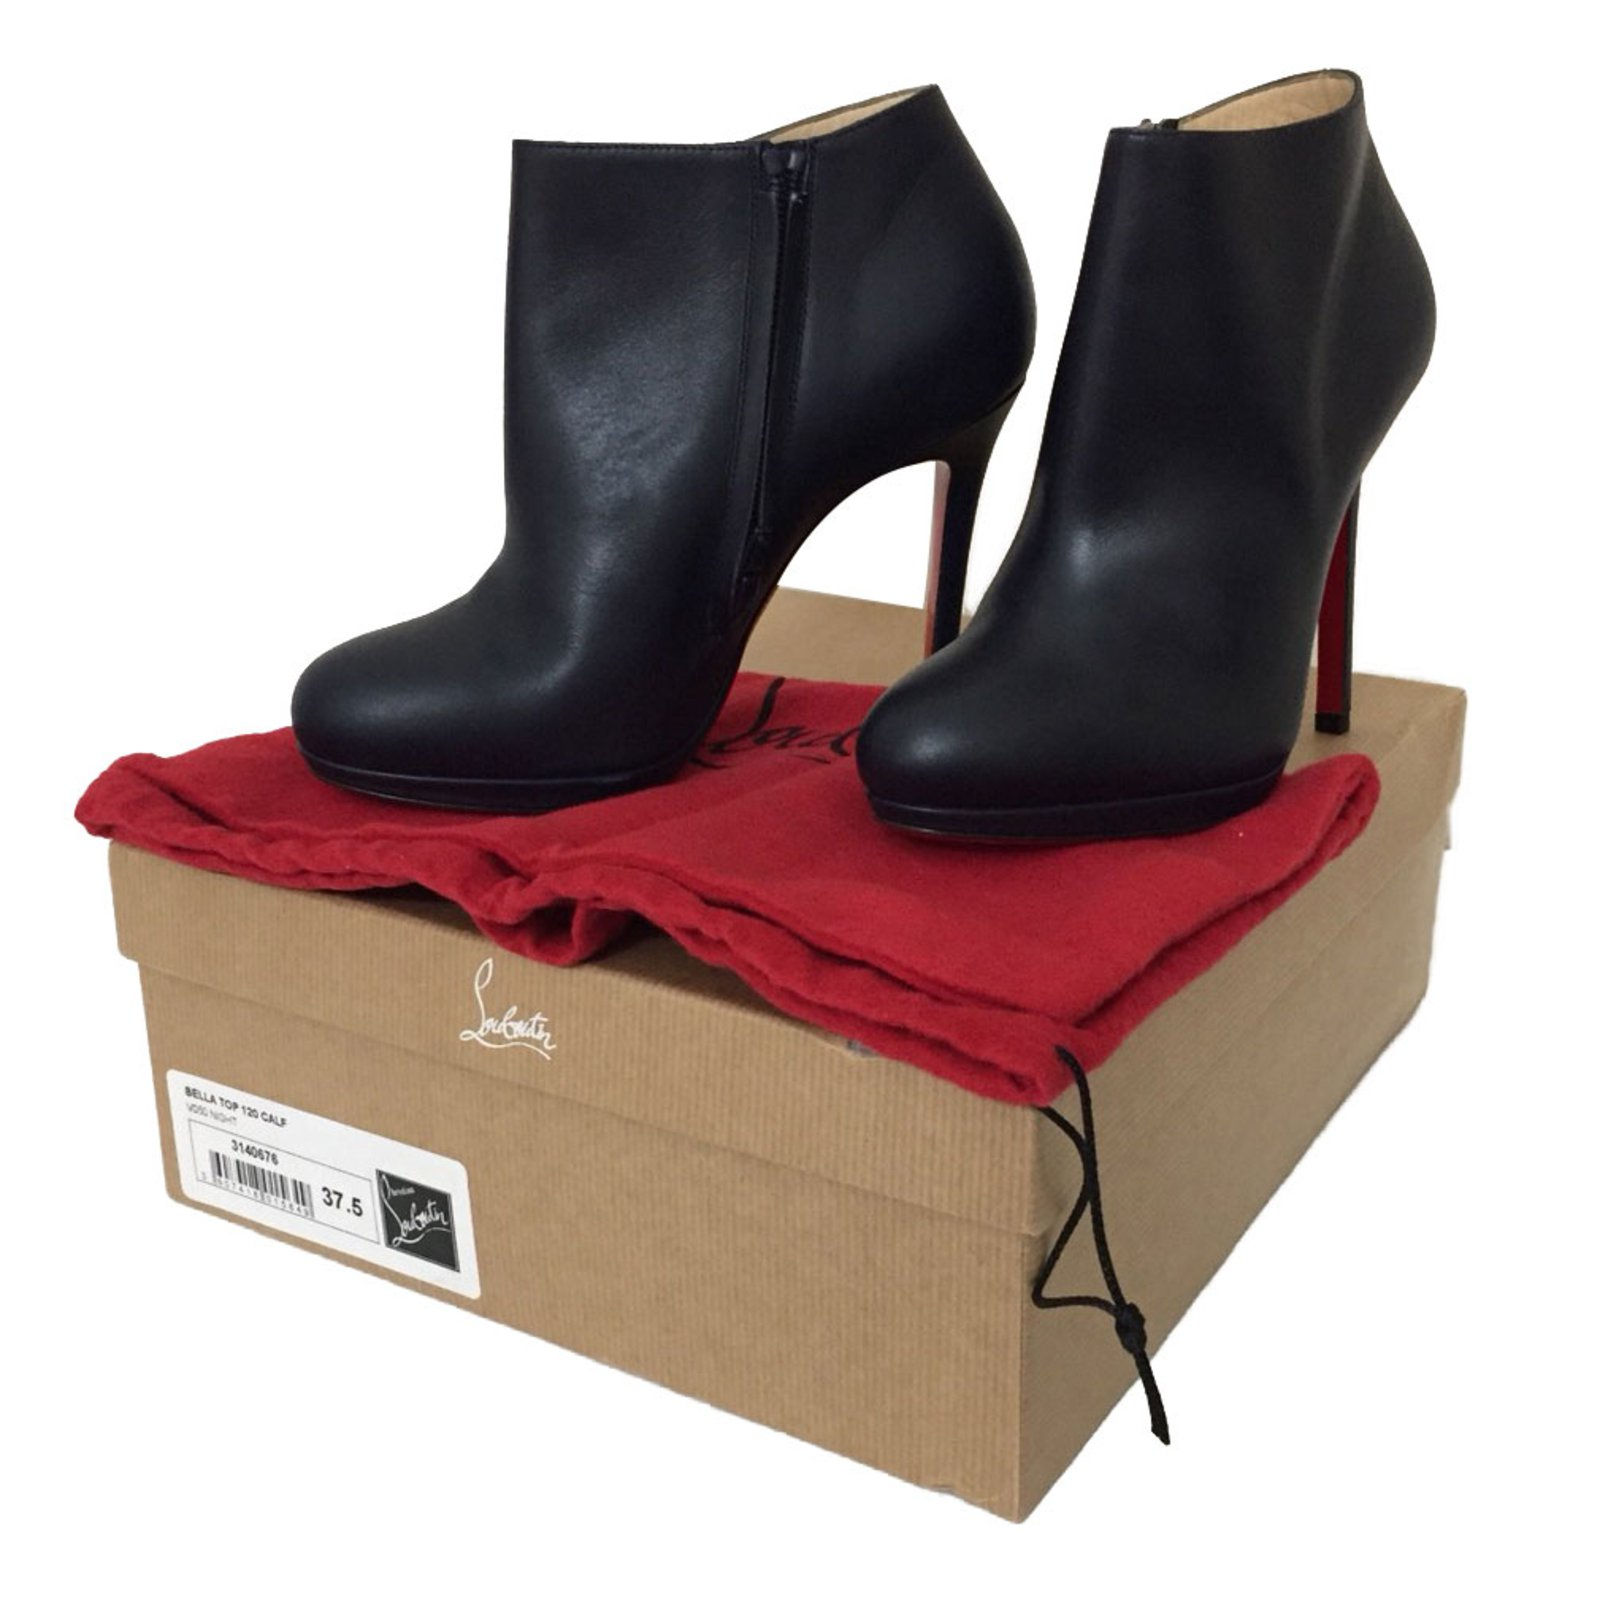 chaussures de séparation 51f9f 5772c Bottines Christian louboutin